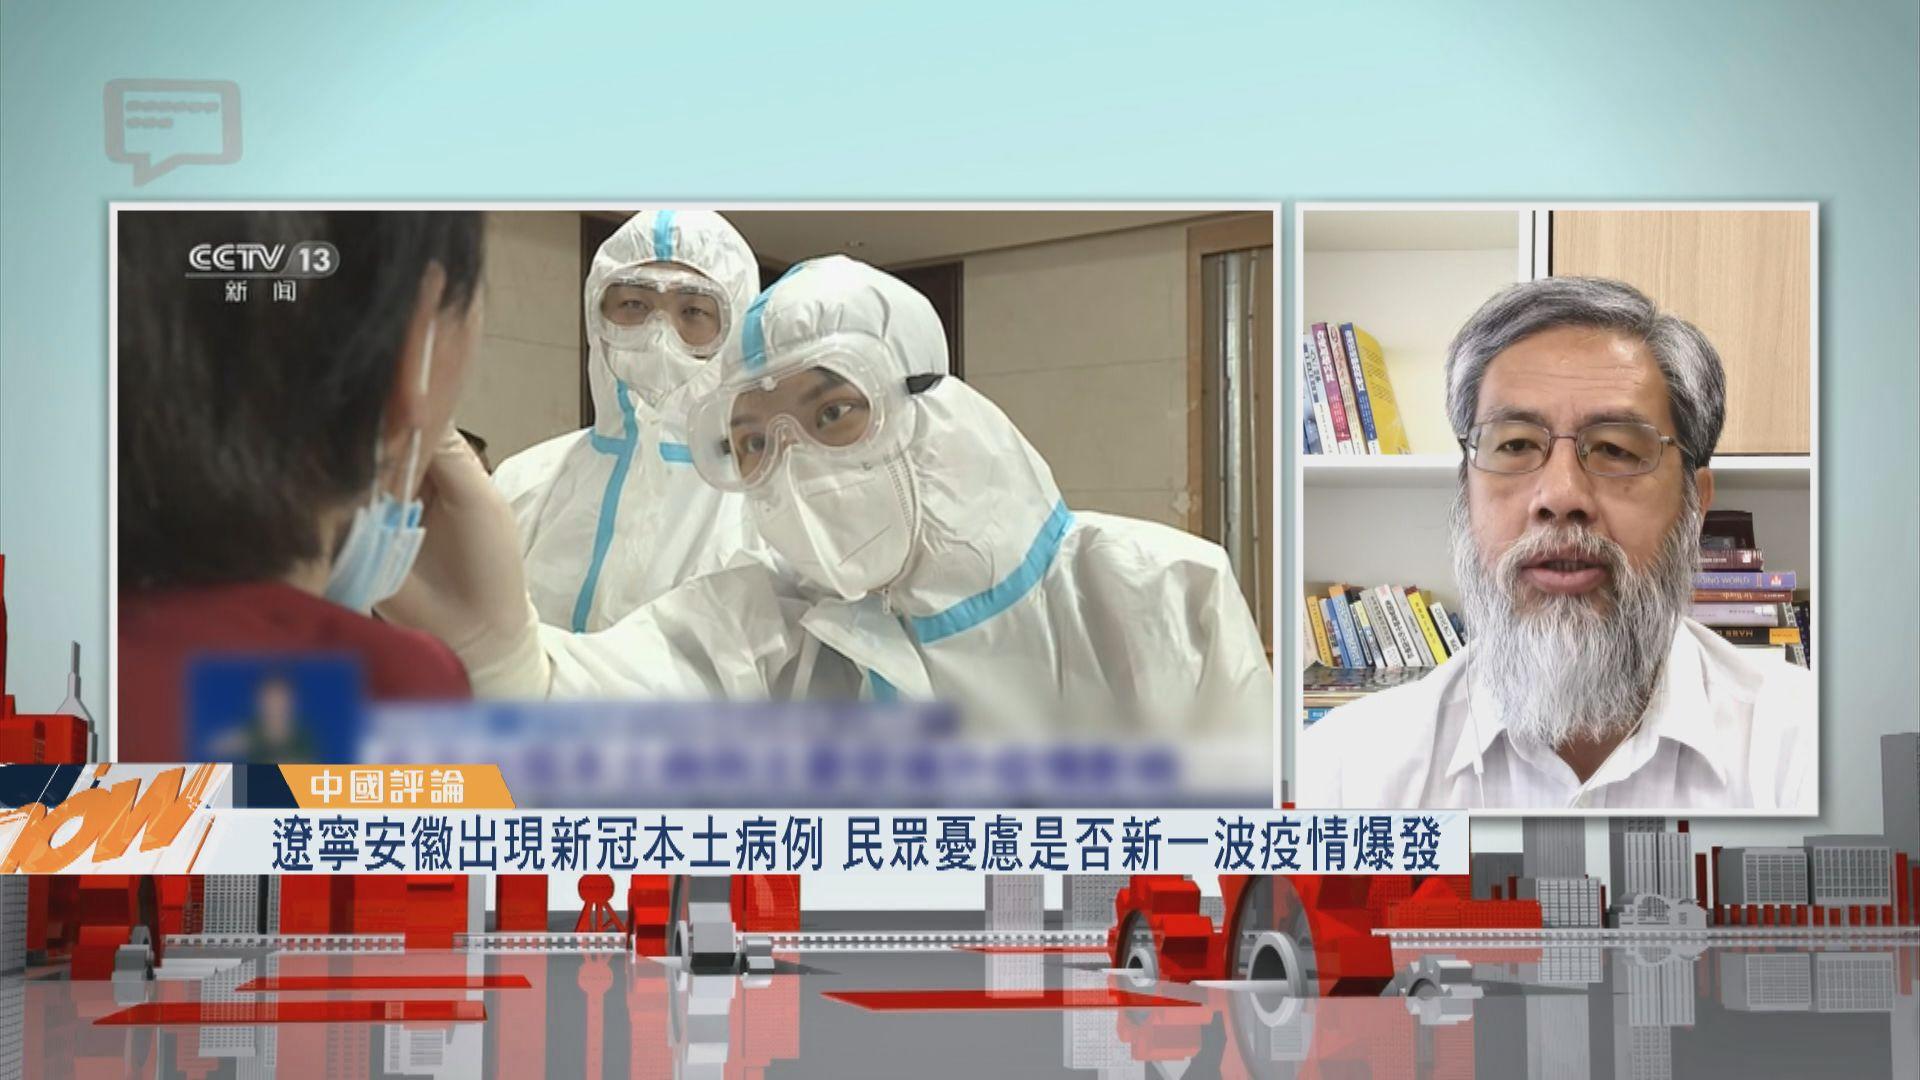 【中國評論】遼寧安徽現本土病例/航天事業進入爆發期